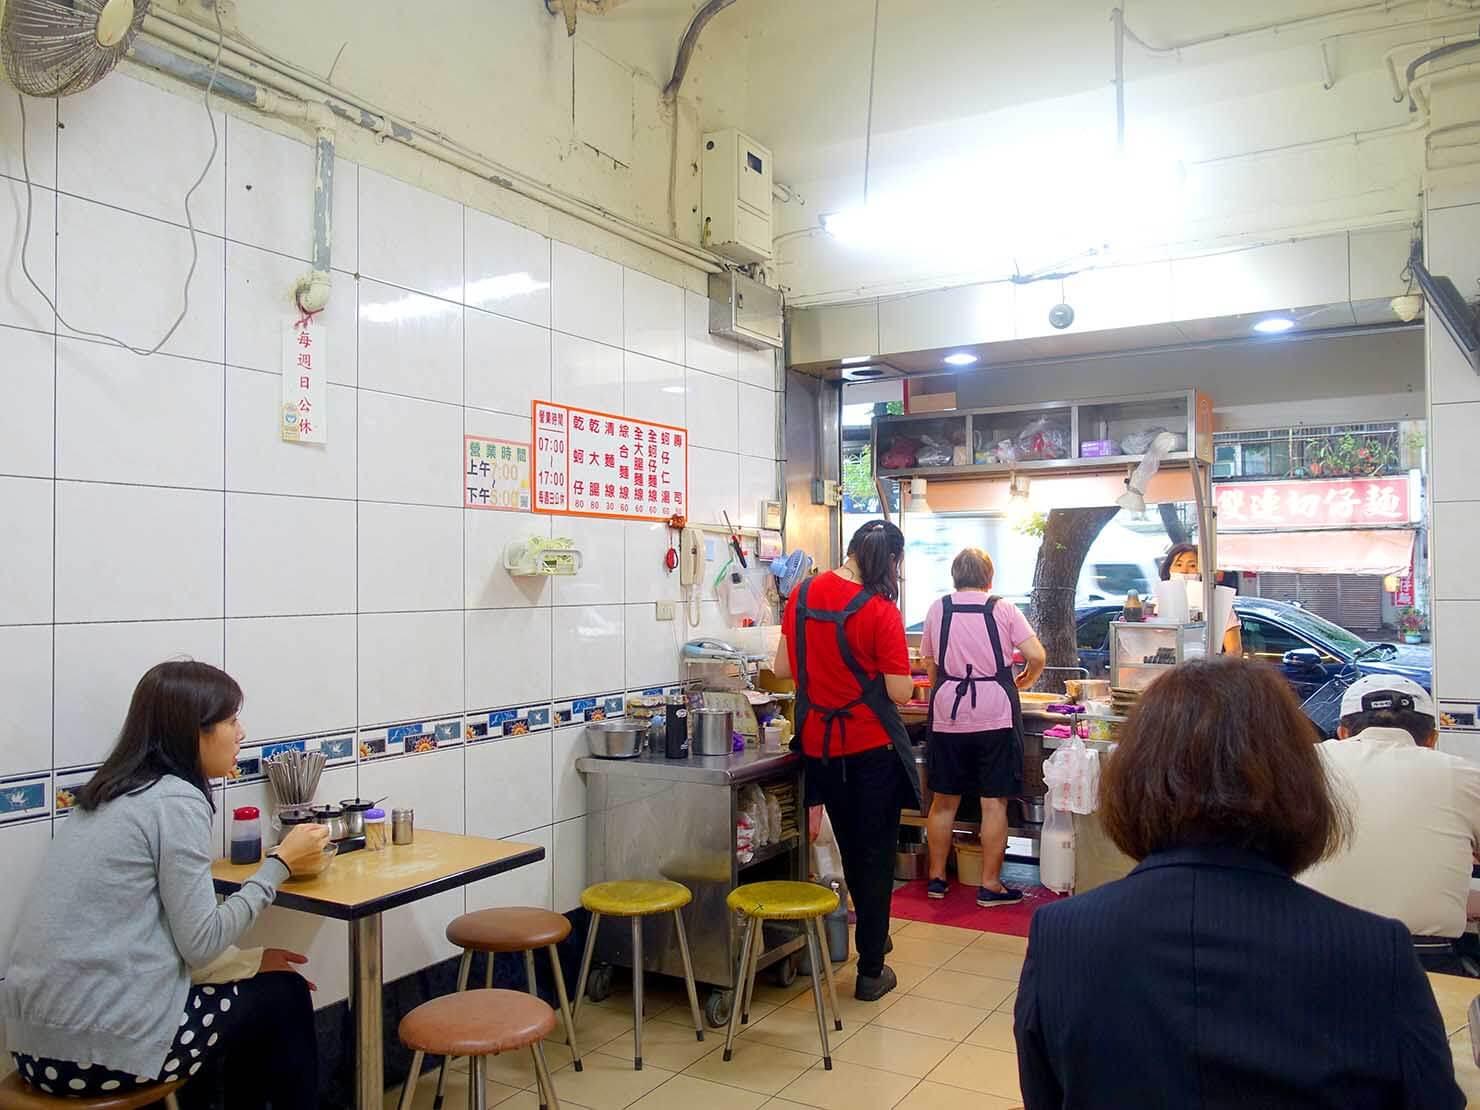 台北・寧夏夜市のおすすめグルメ店「阿川蚵仔麵線」の店内